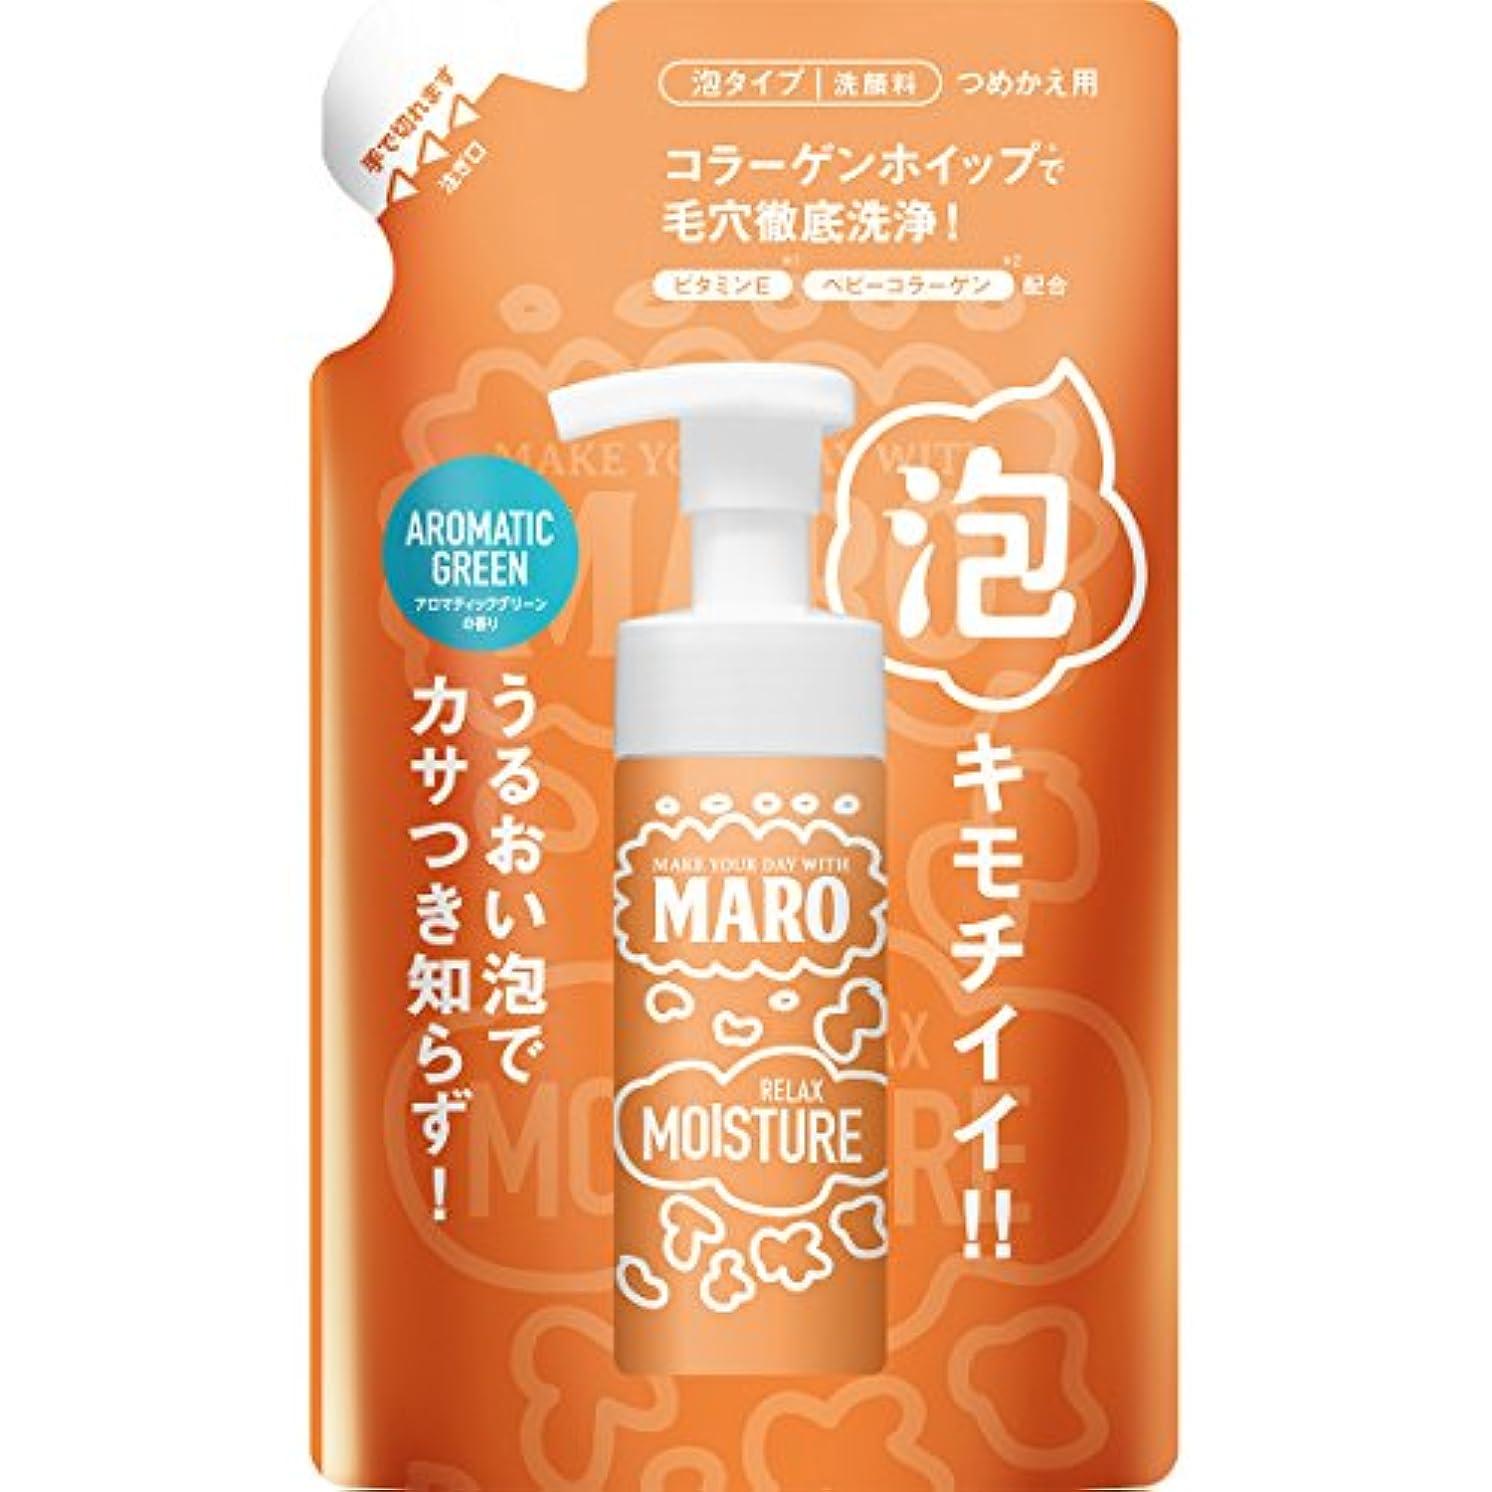 推進力ファッション粘土MARO グルーヴィー 泡洗顔 詰め替え リラックスモイスチャー 130ml